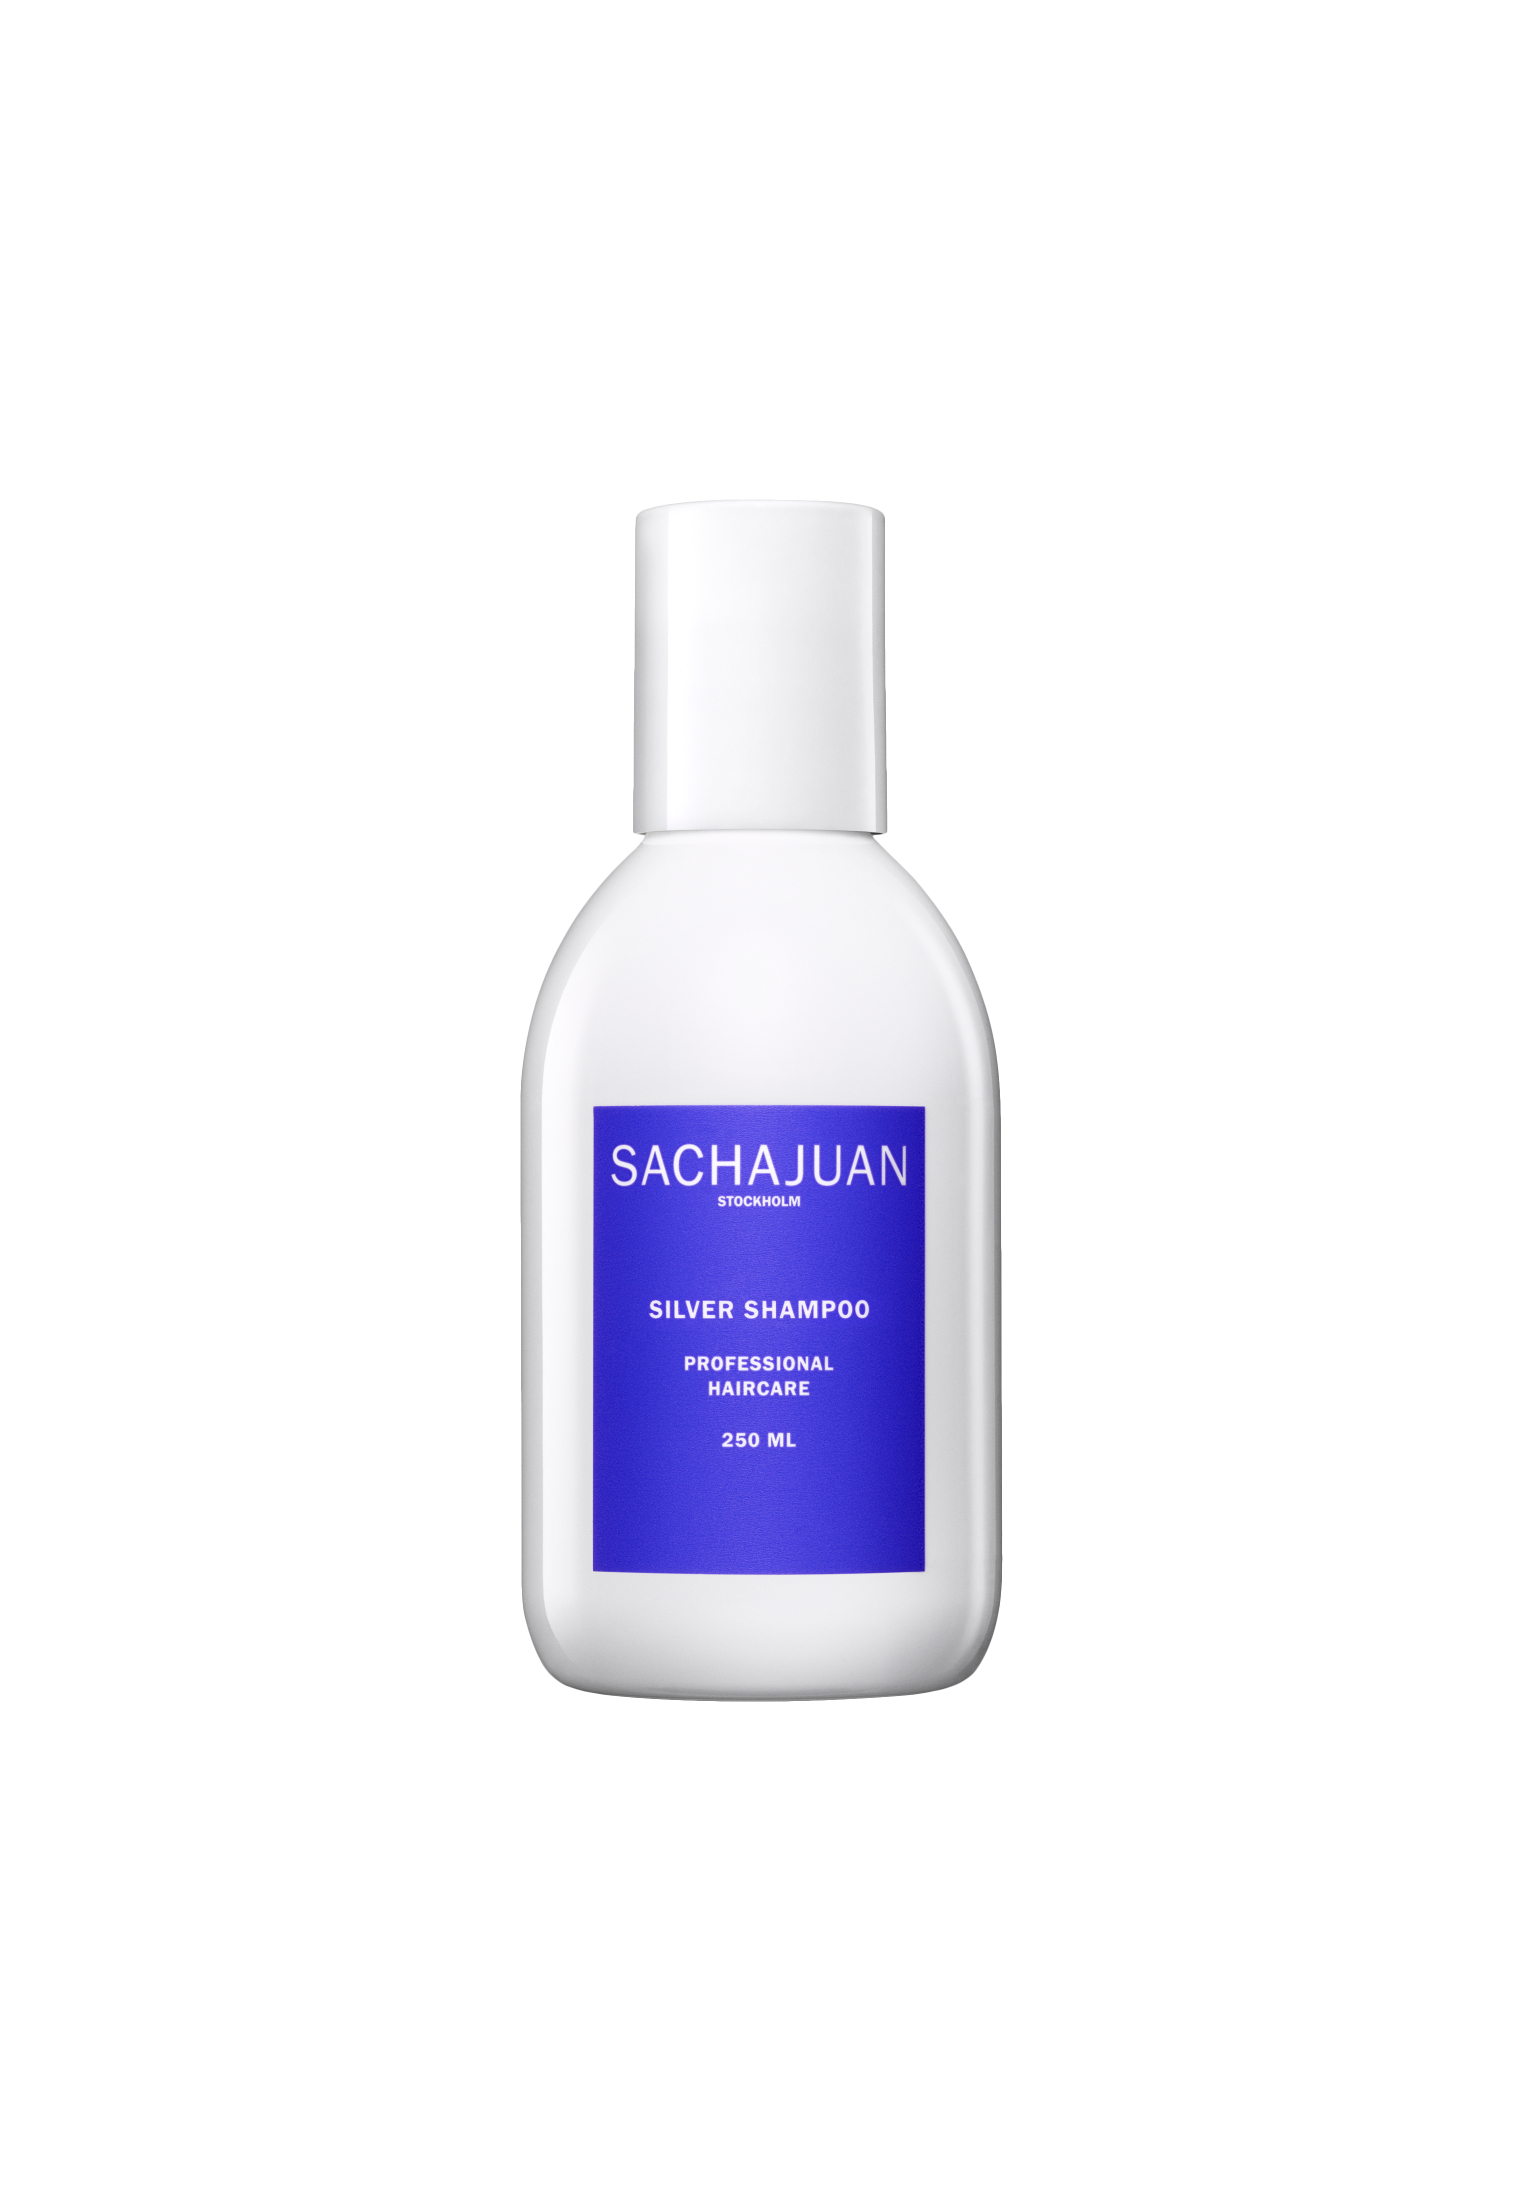 SACHAJUAN - Silver Shampoo - 250 ml